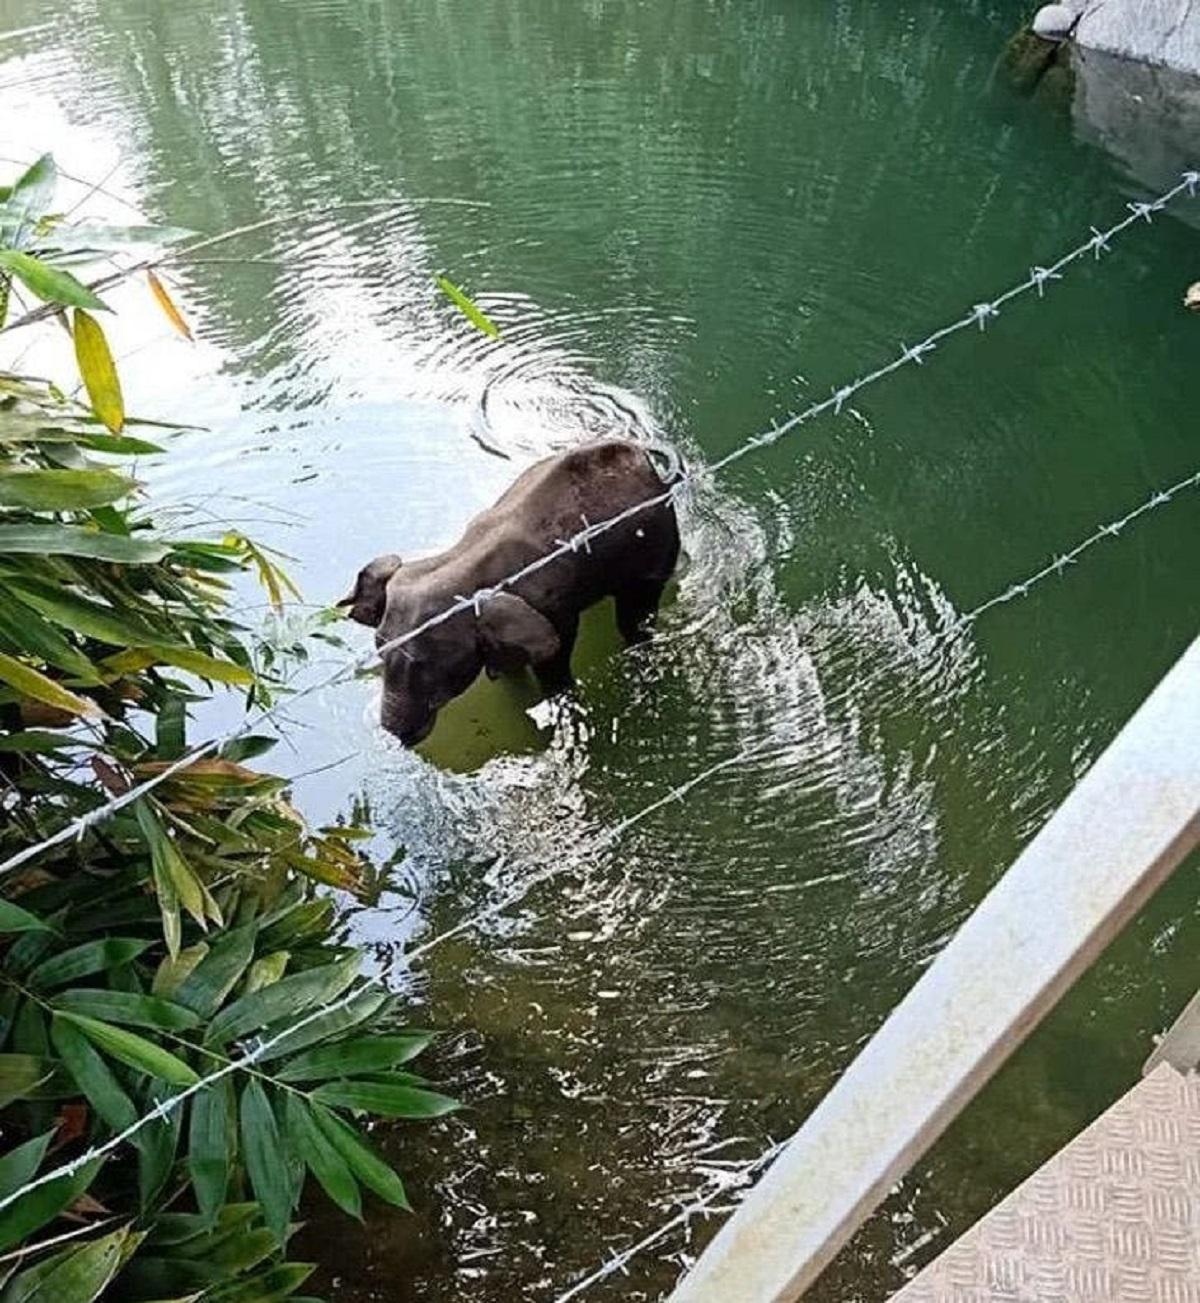 Elefantessa incinta mangia ananas pieno di petardi che esplode: Morta con la bocca dilaniata